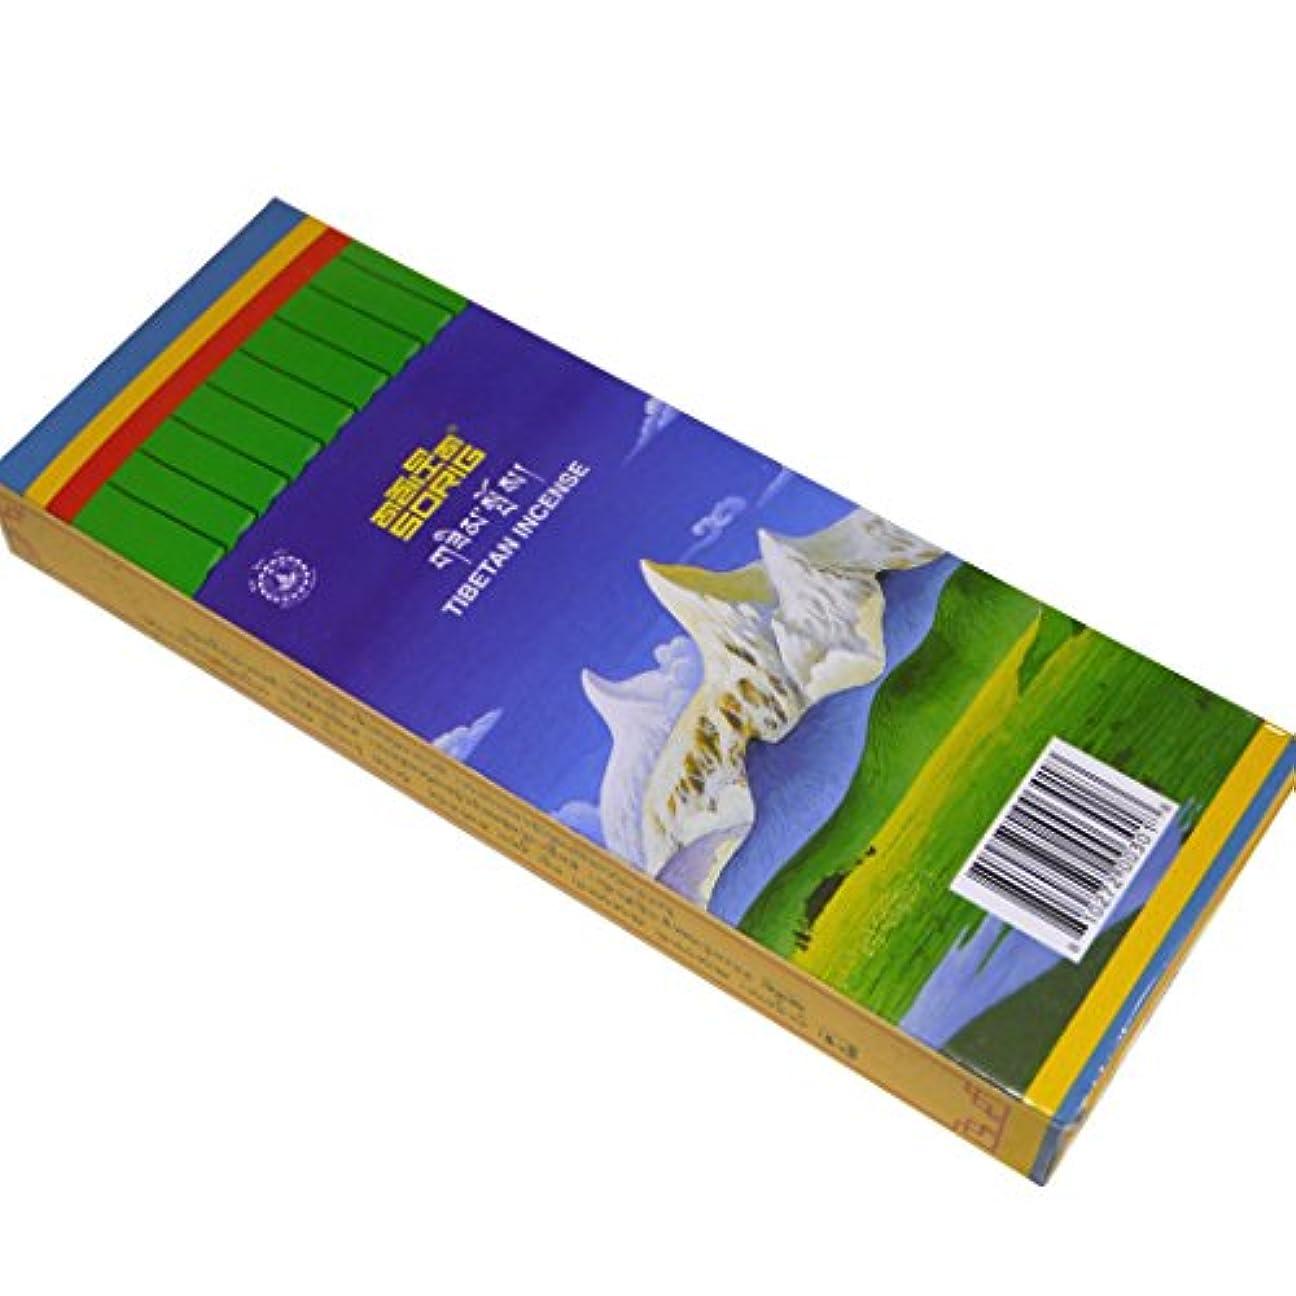 ピザ気になる定期的なメンツィーカン チベット医学暦法研究所メンツィーカンのお香【SORIGソリグ ビッグ】